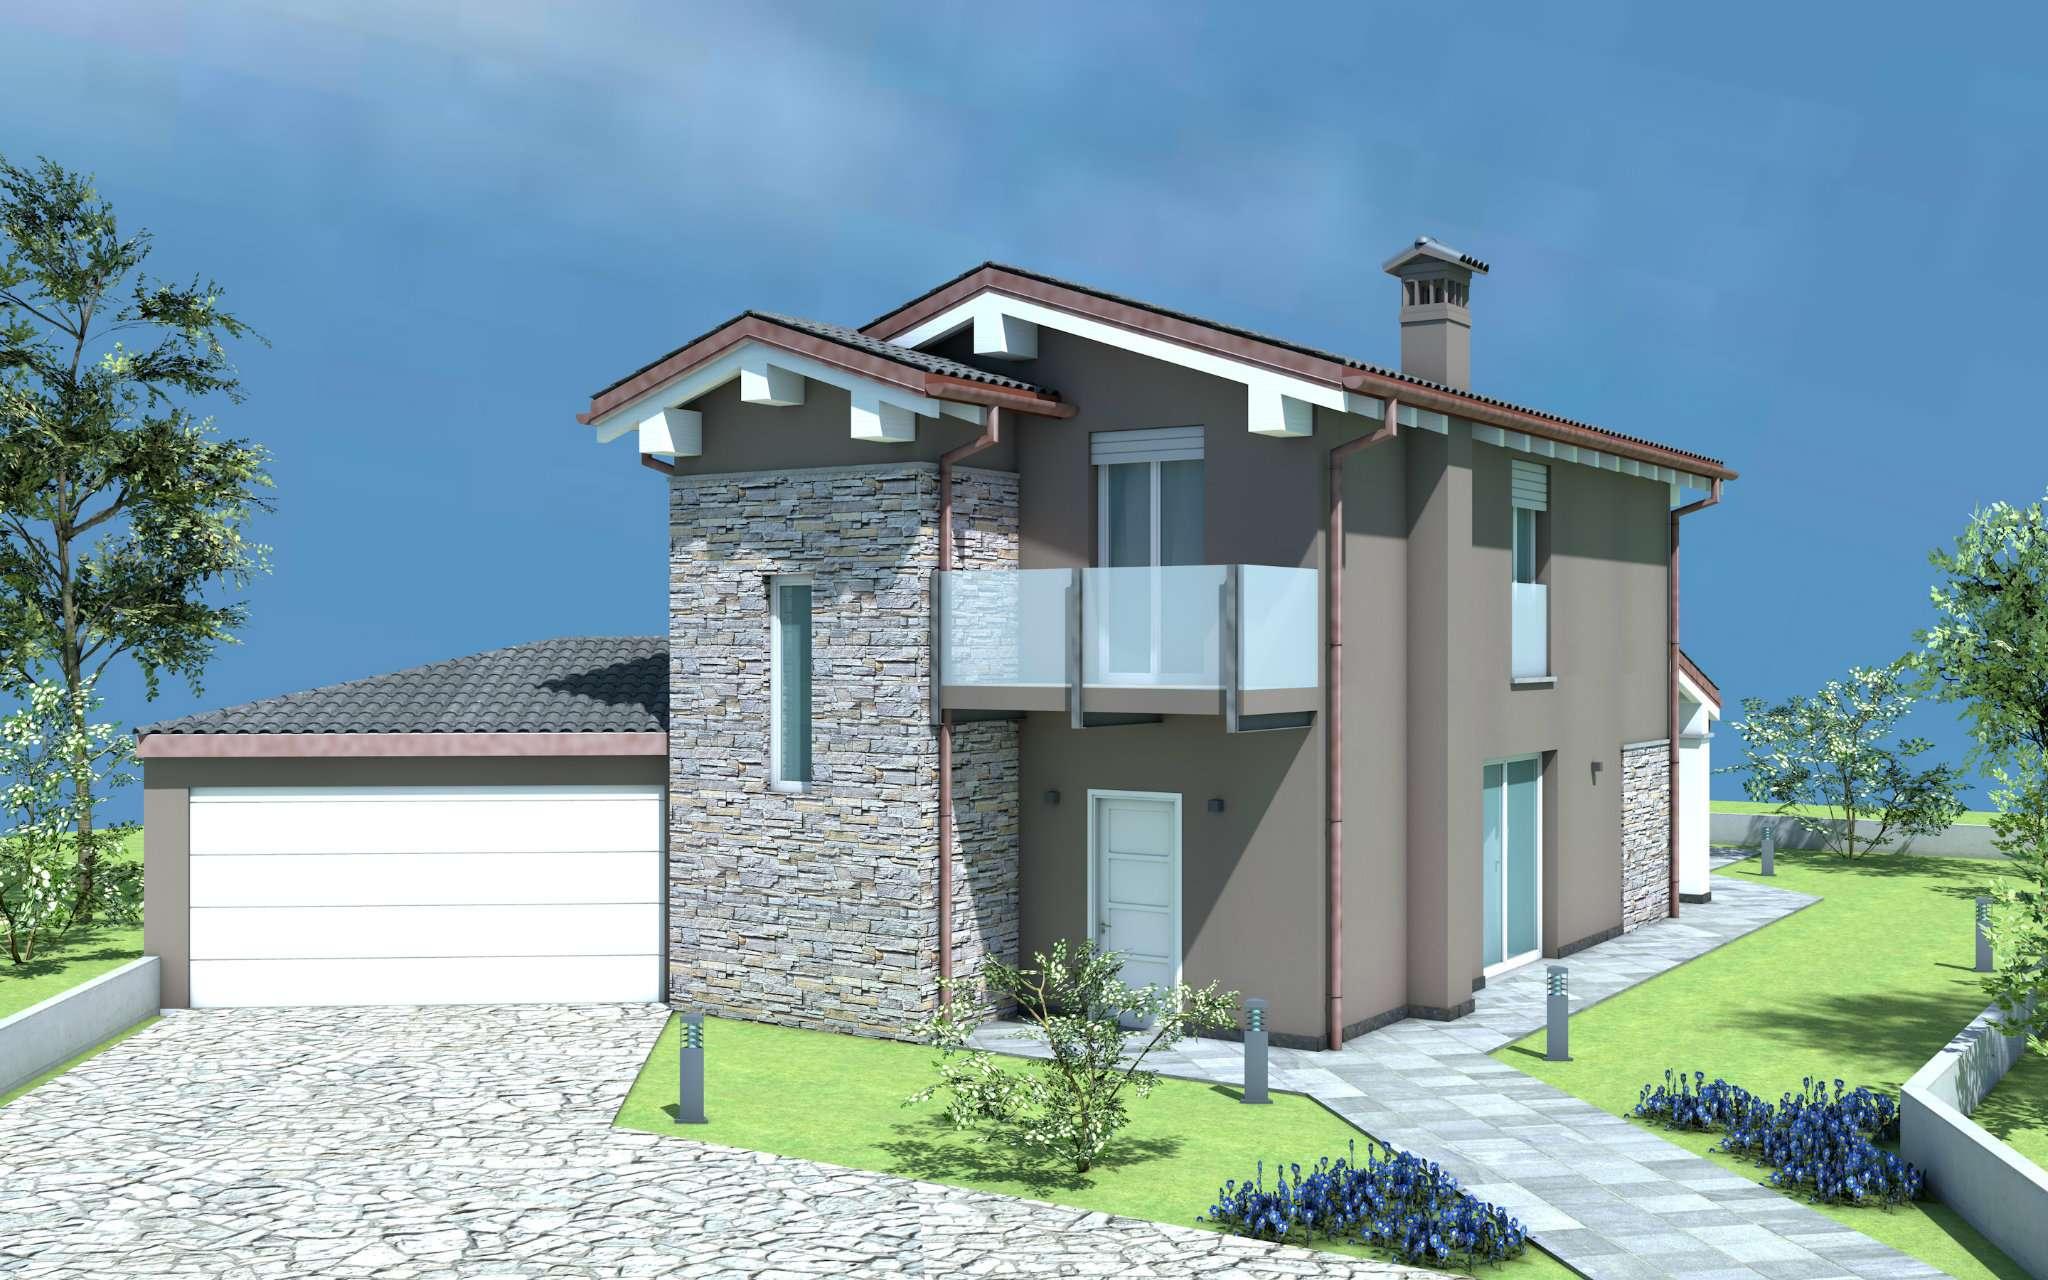 Villa in vendita a Treviglio, 4 locali, prezzo € 290.000   CambioCasa.it